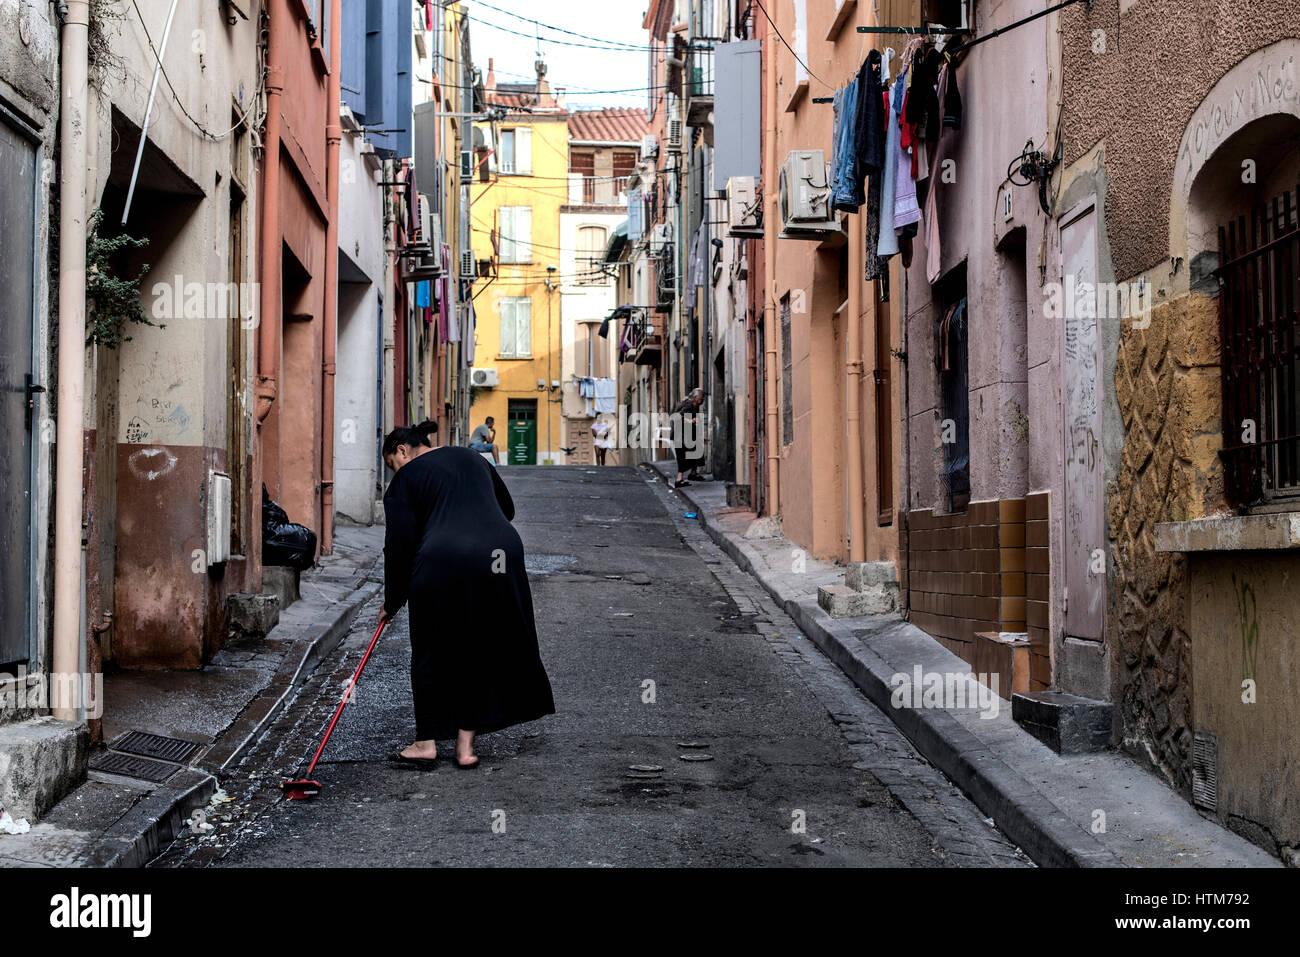 Une femme de la rue de nettoyage à Perpignan, qui est la capitale de département, France. Photo Stock